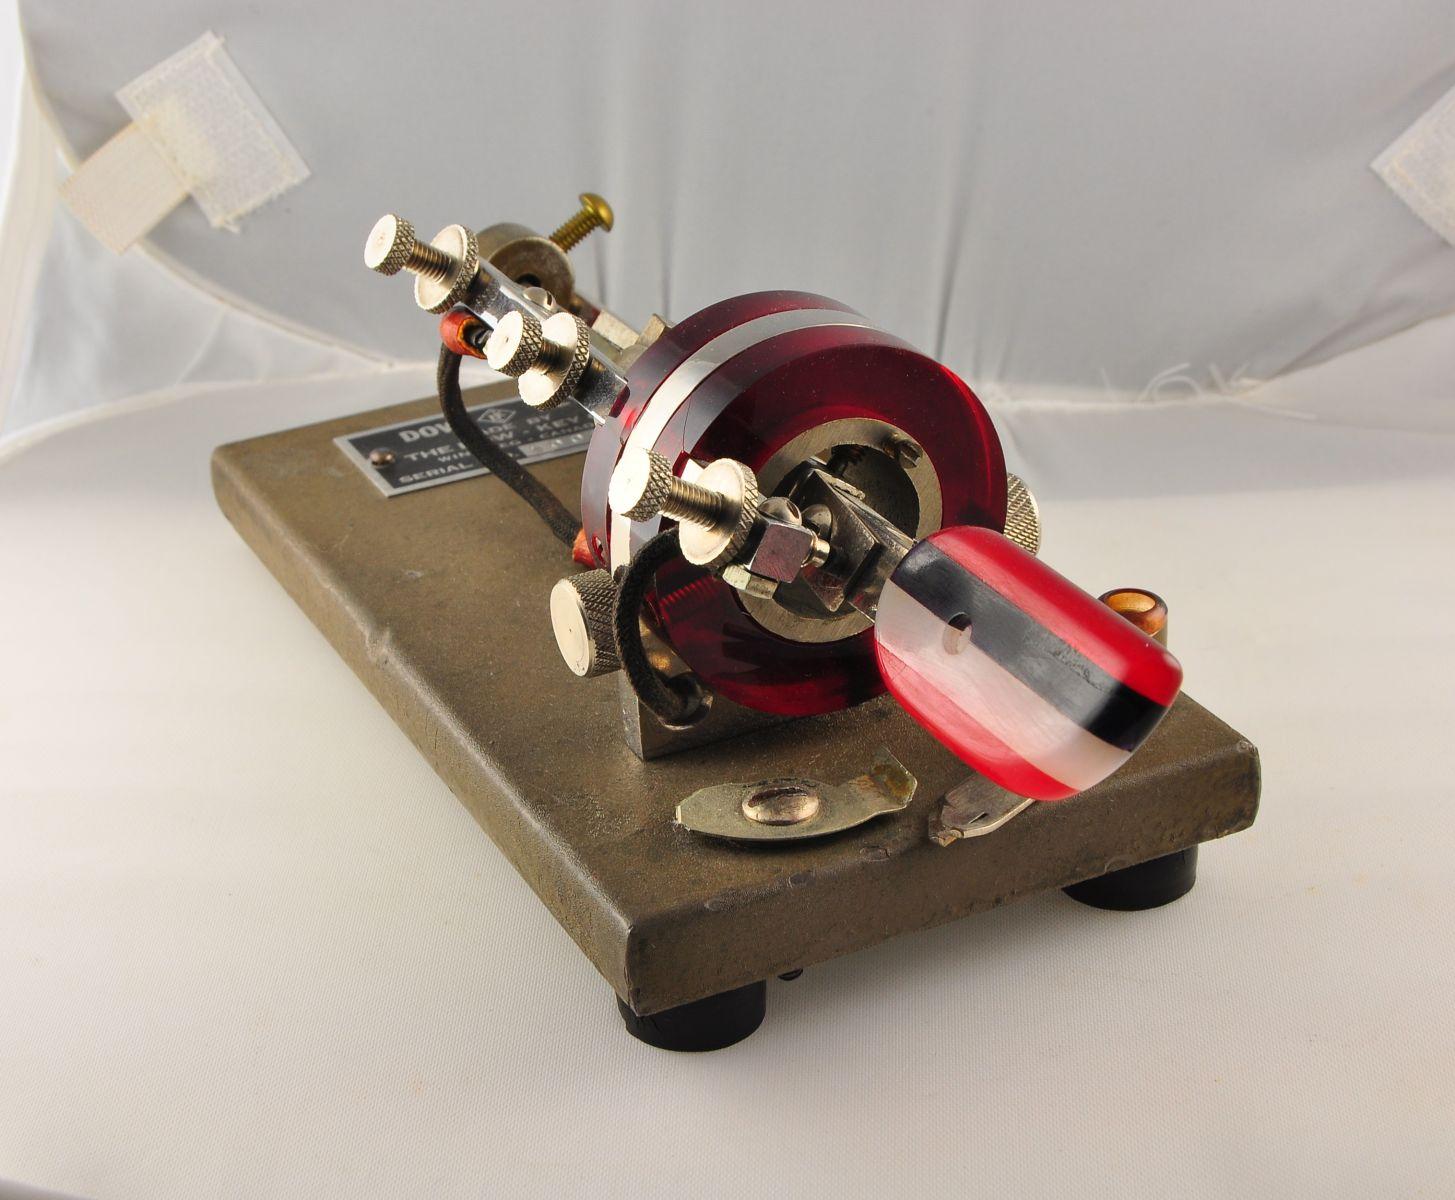 Vibroplex Rotor